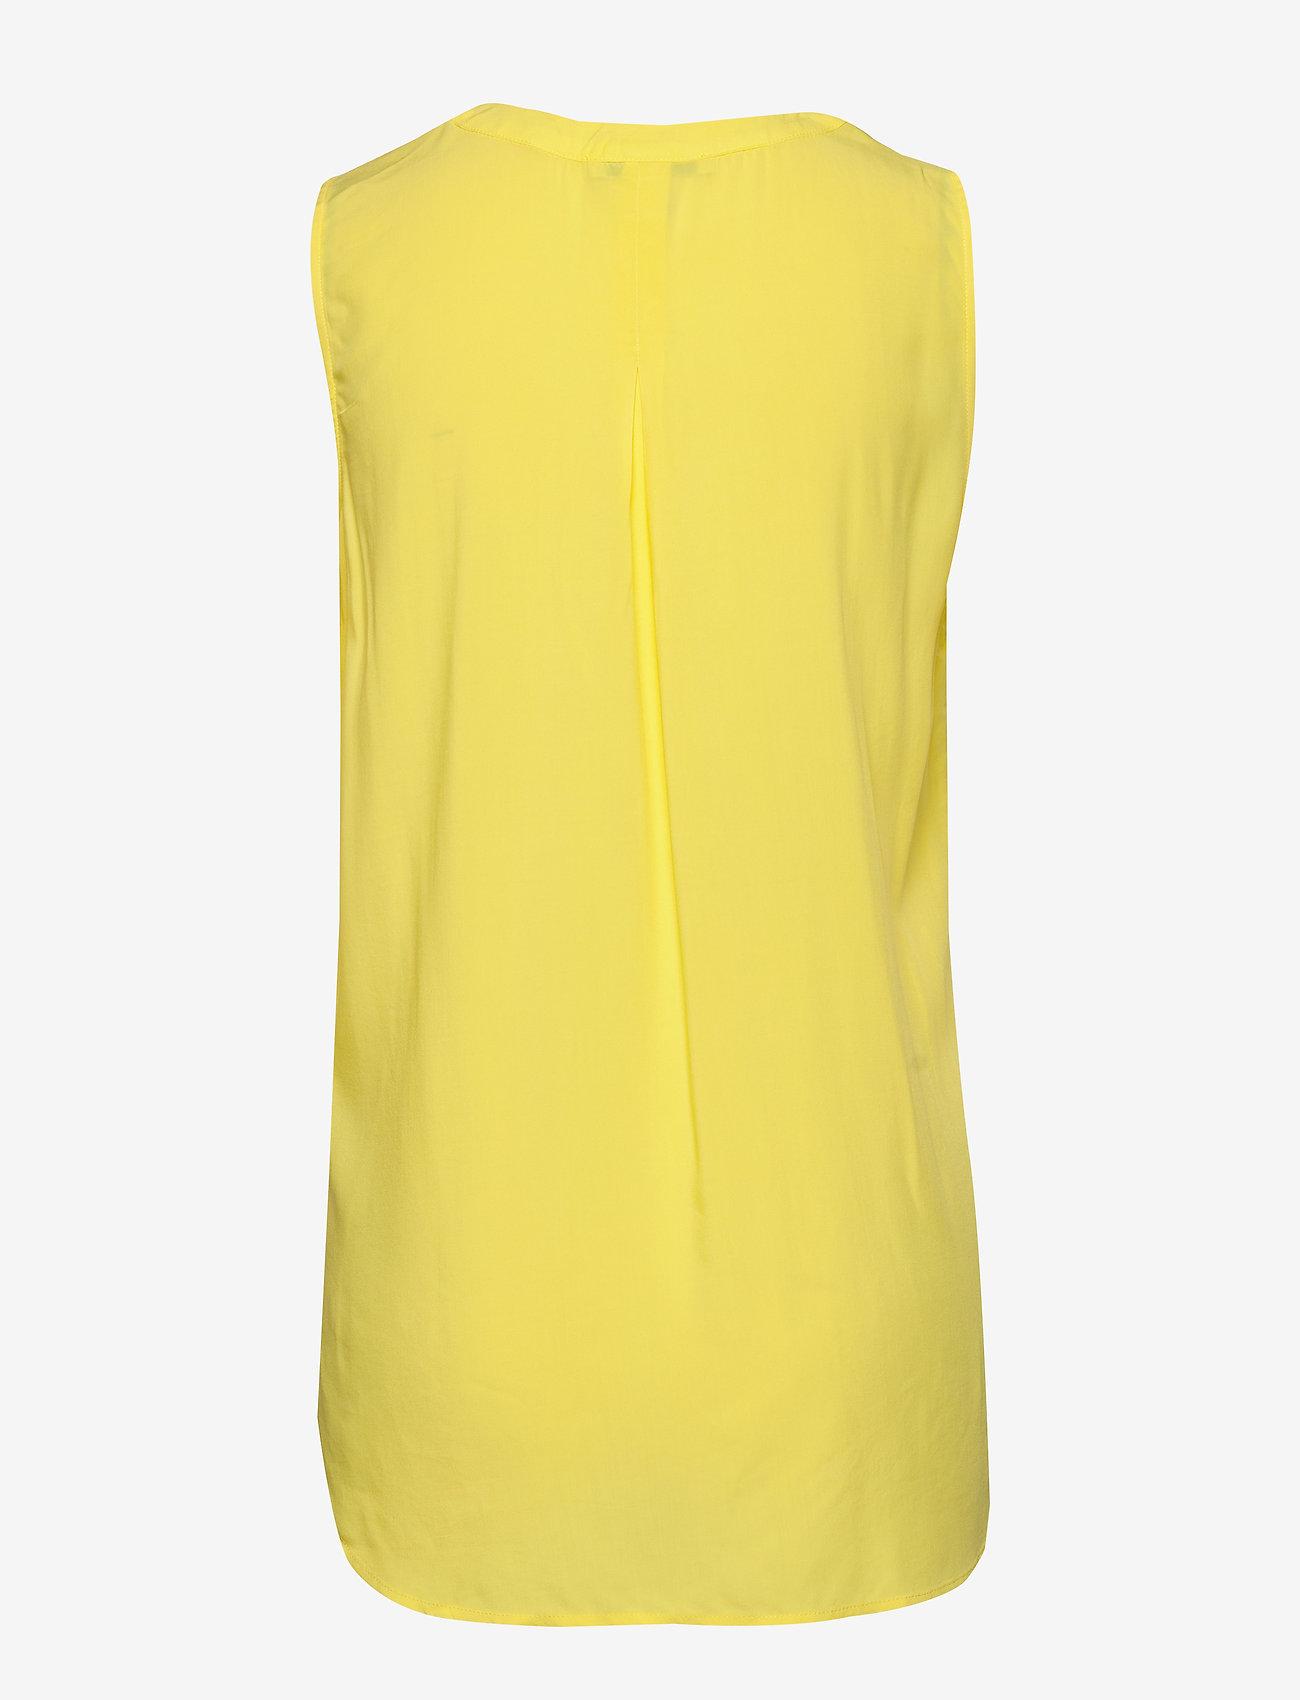 Esprit Casual - Blouses woven - Ærmeløse bluser - bright yellow - 1